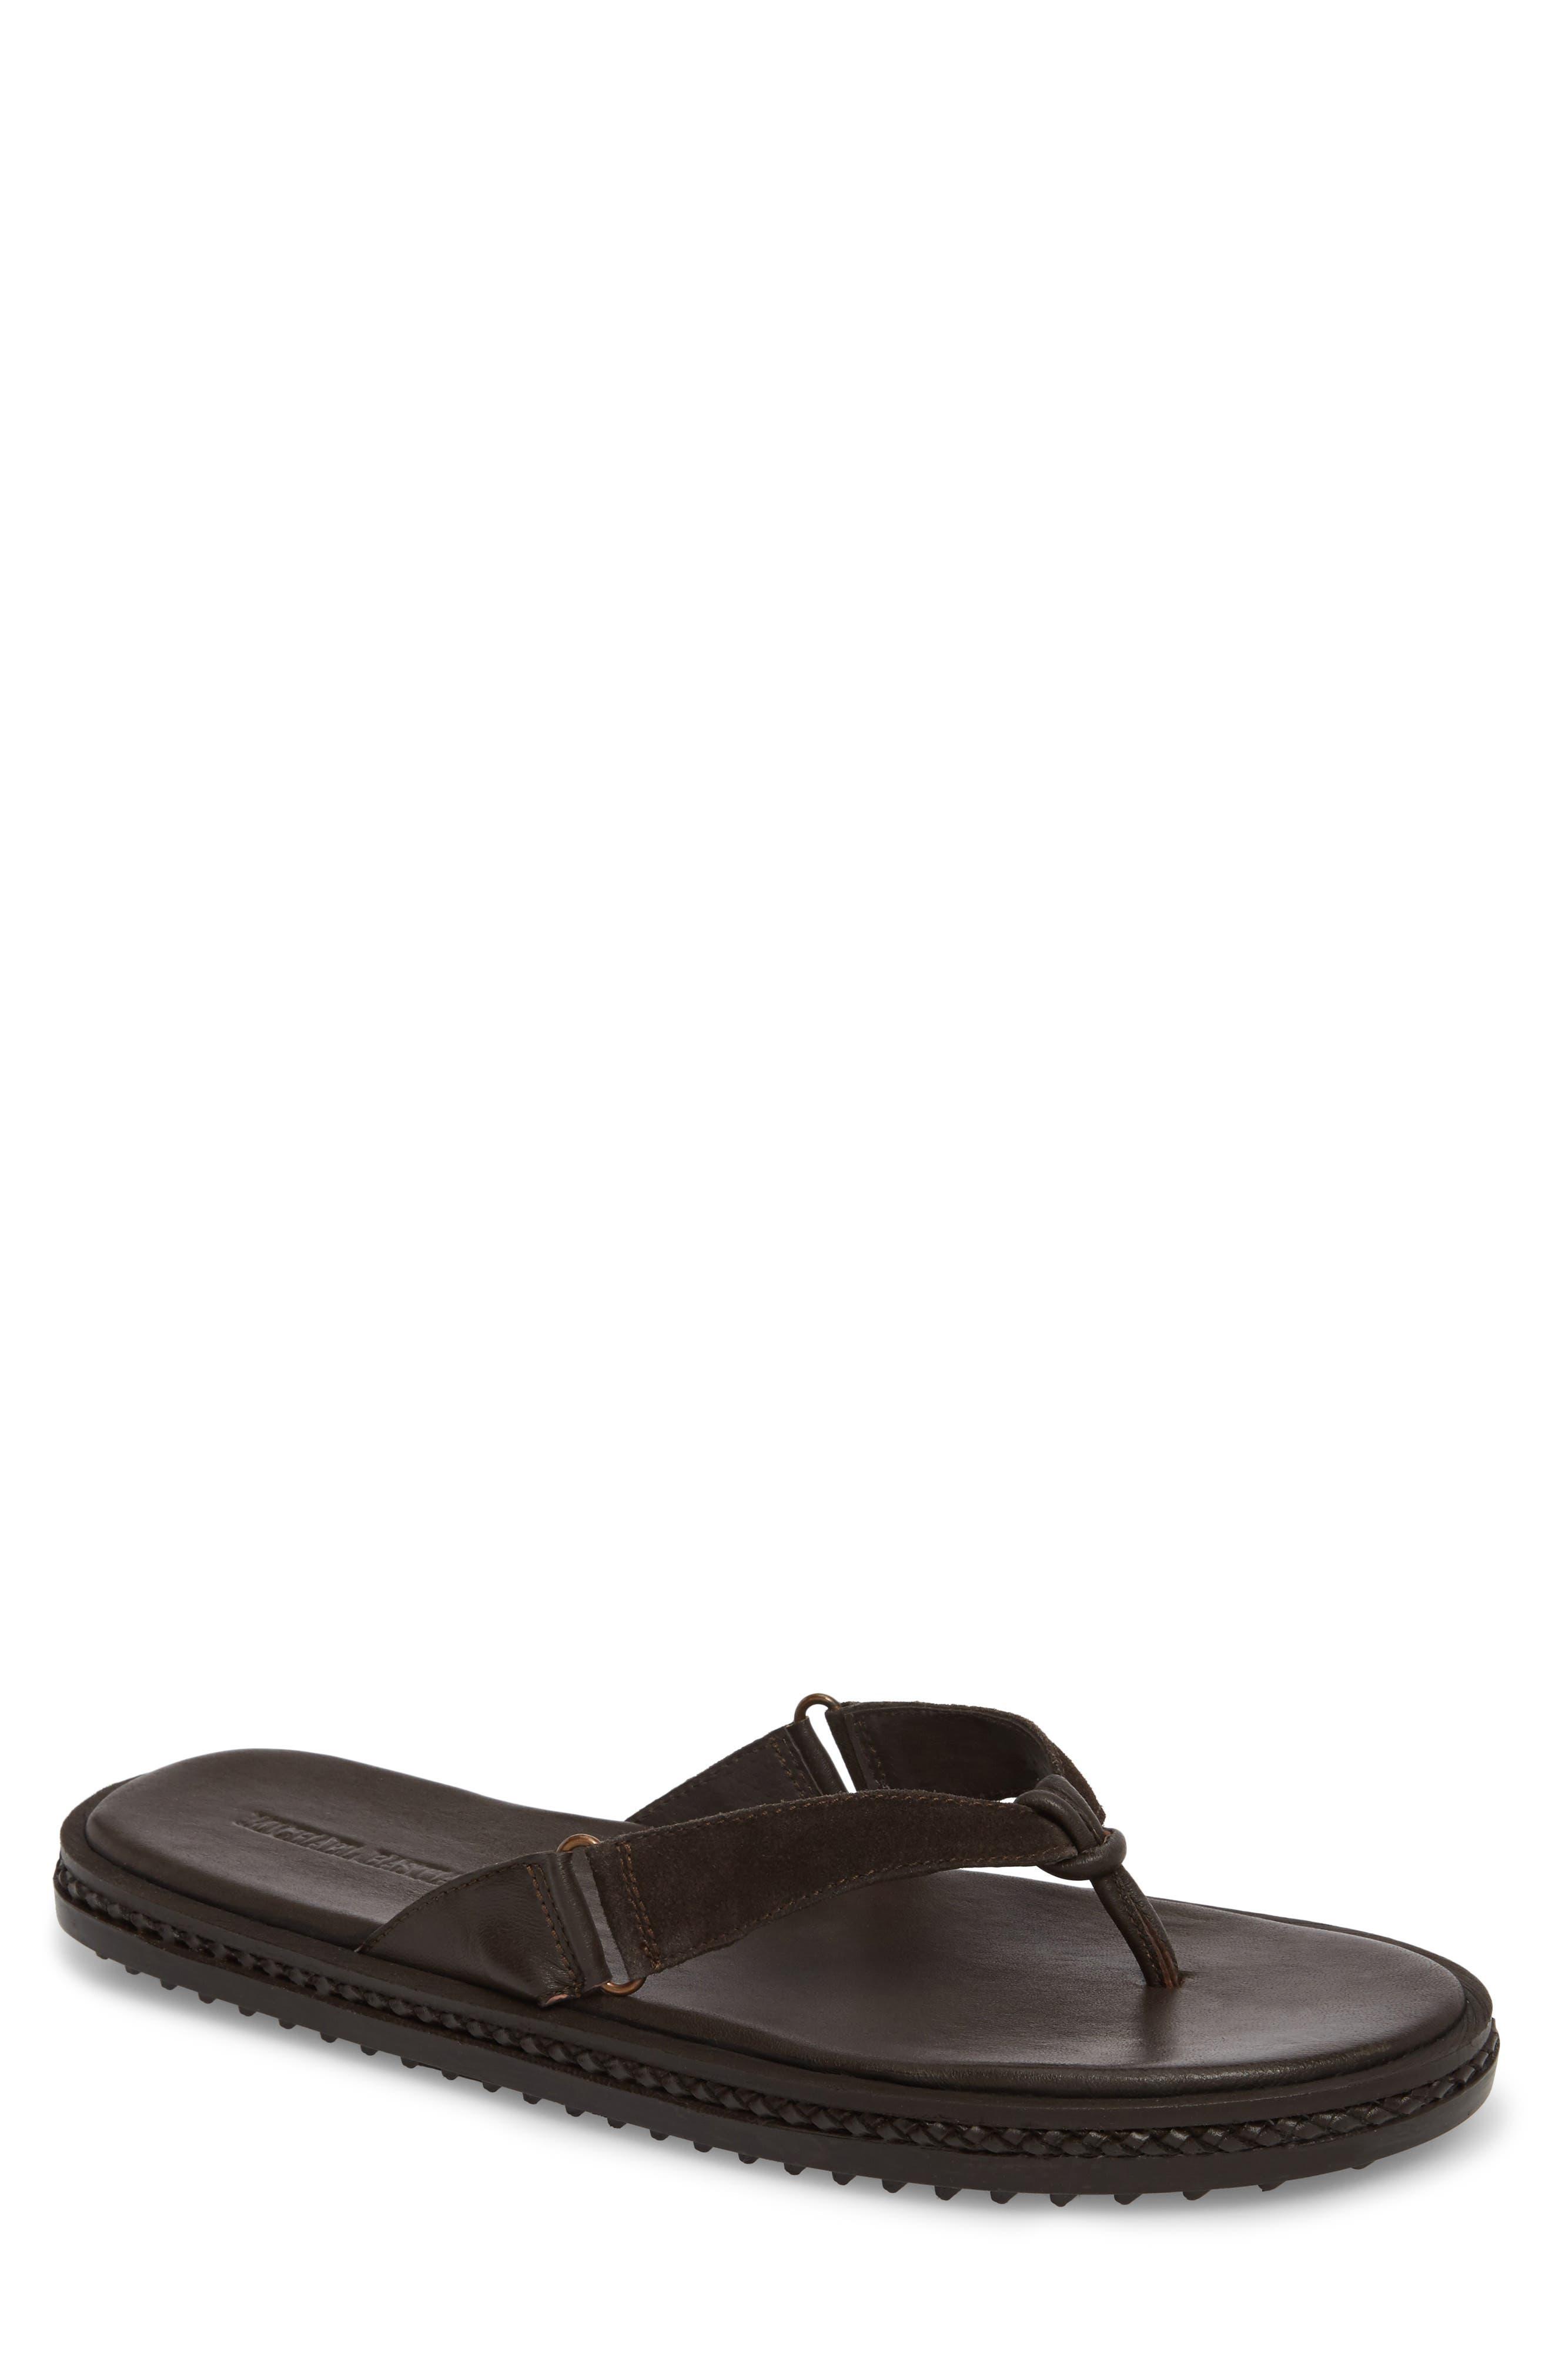 Michael Bastain Flip Flop,                         Main,                         color, Brown Leather